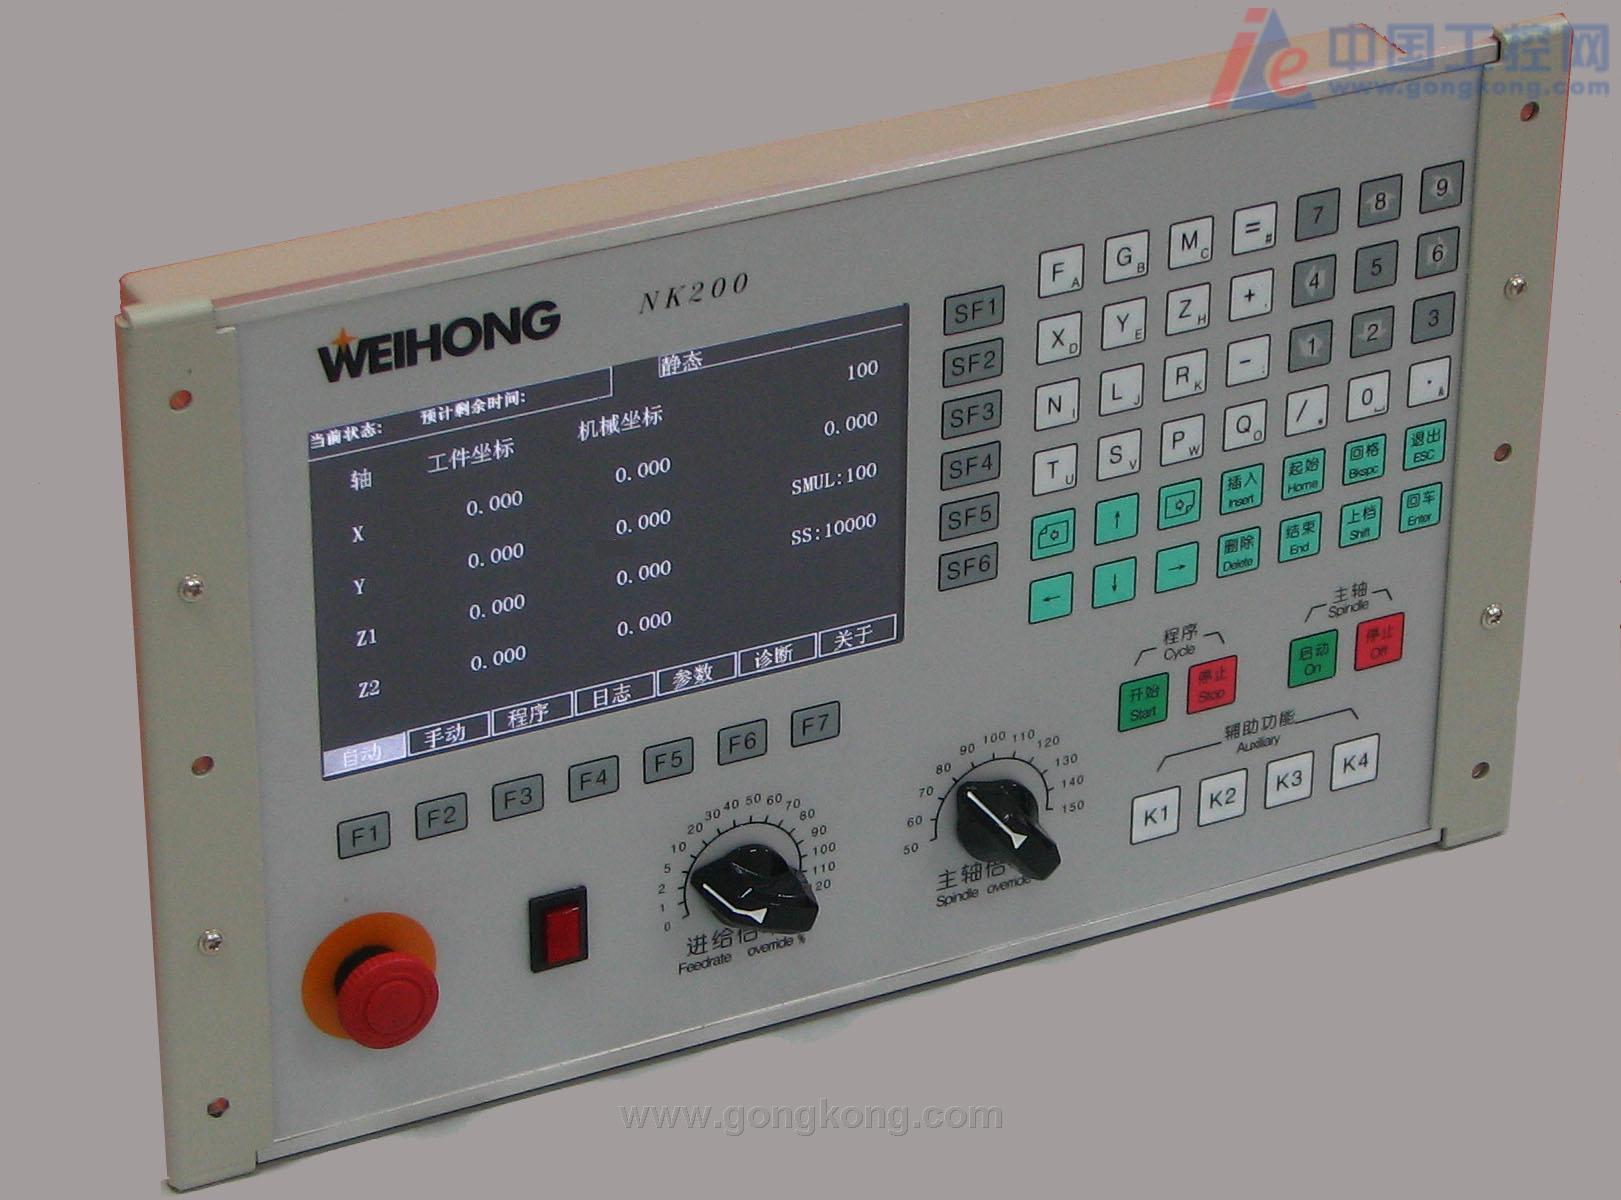 上海维宏电子科技有限公司推出最新nk-200一体机系统